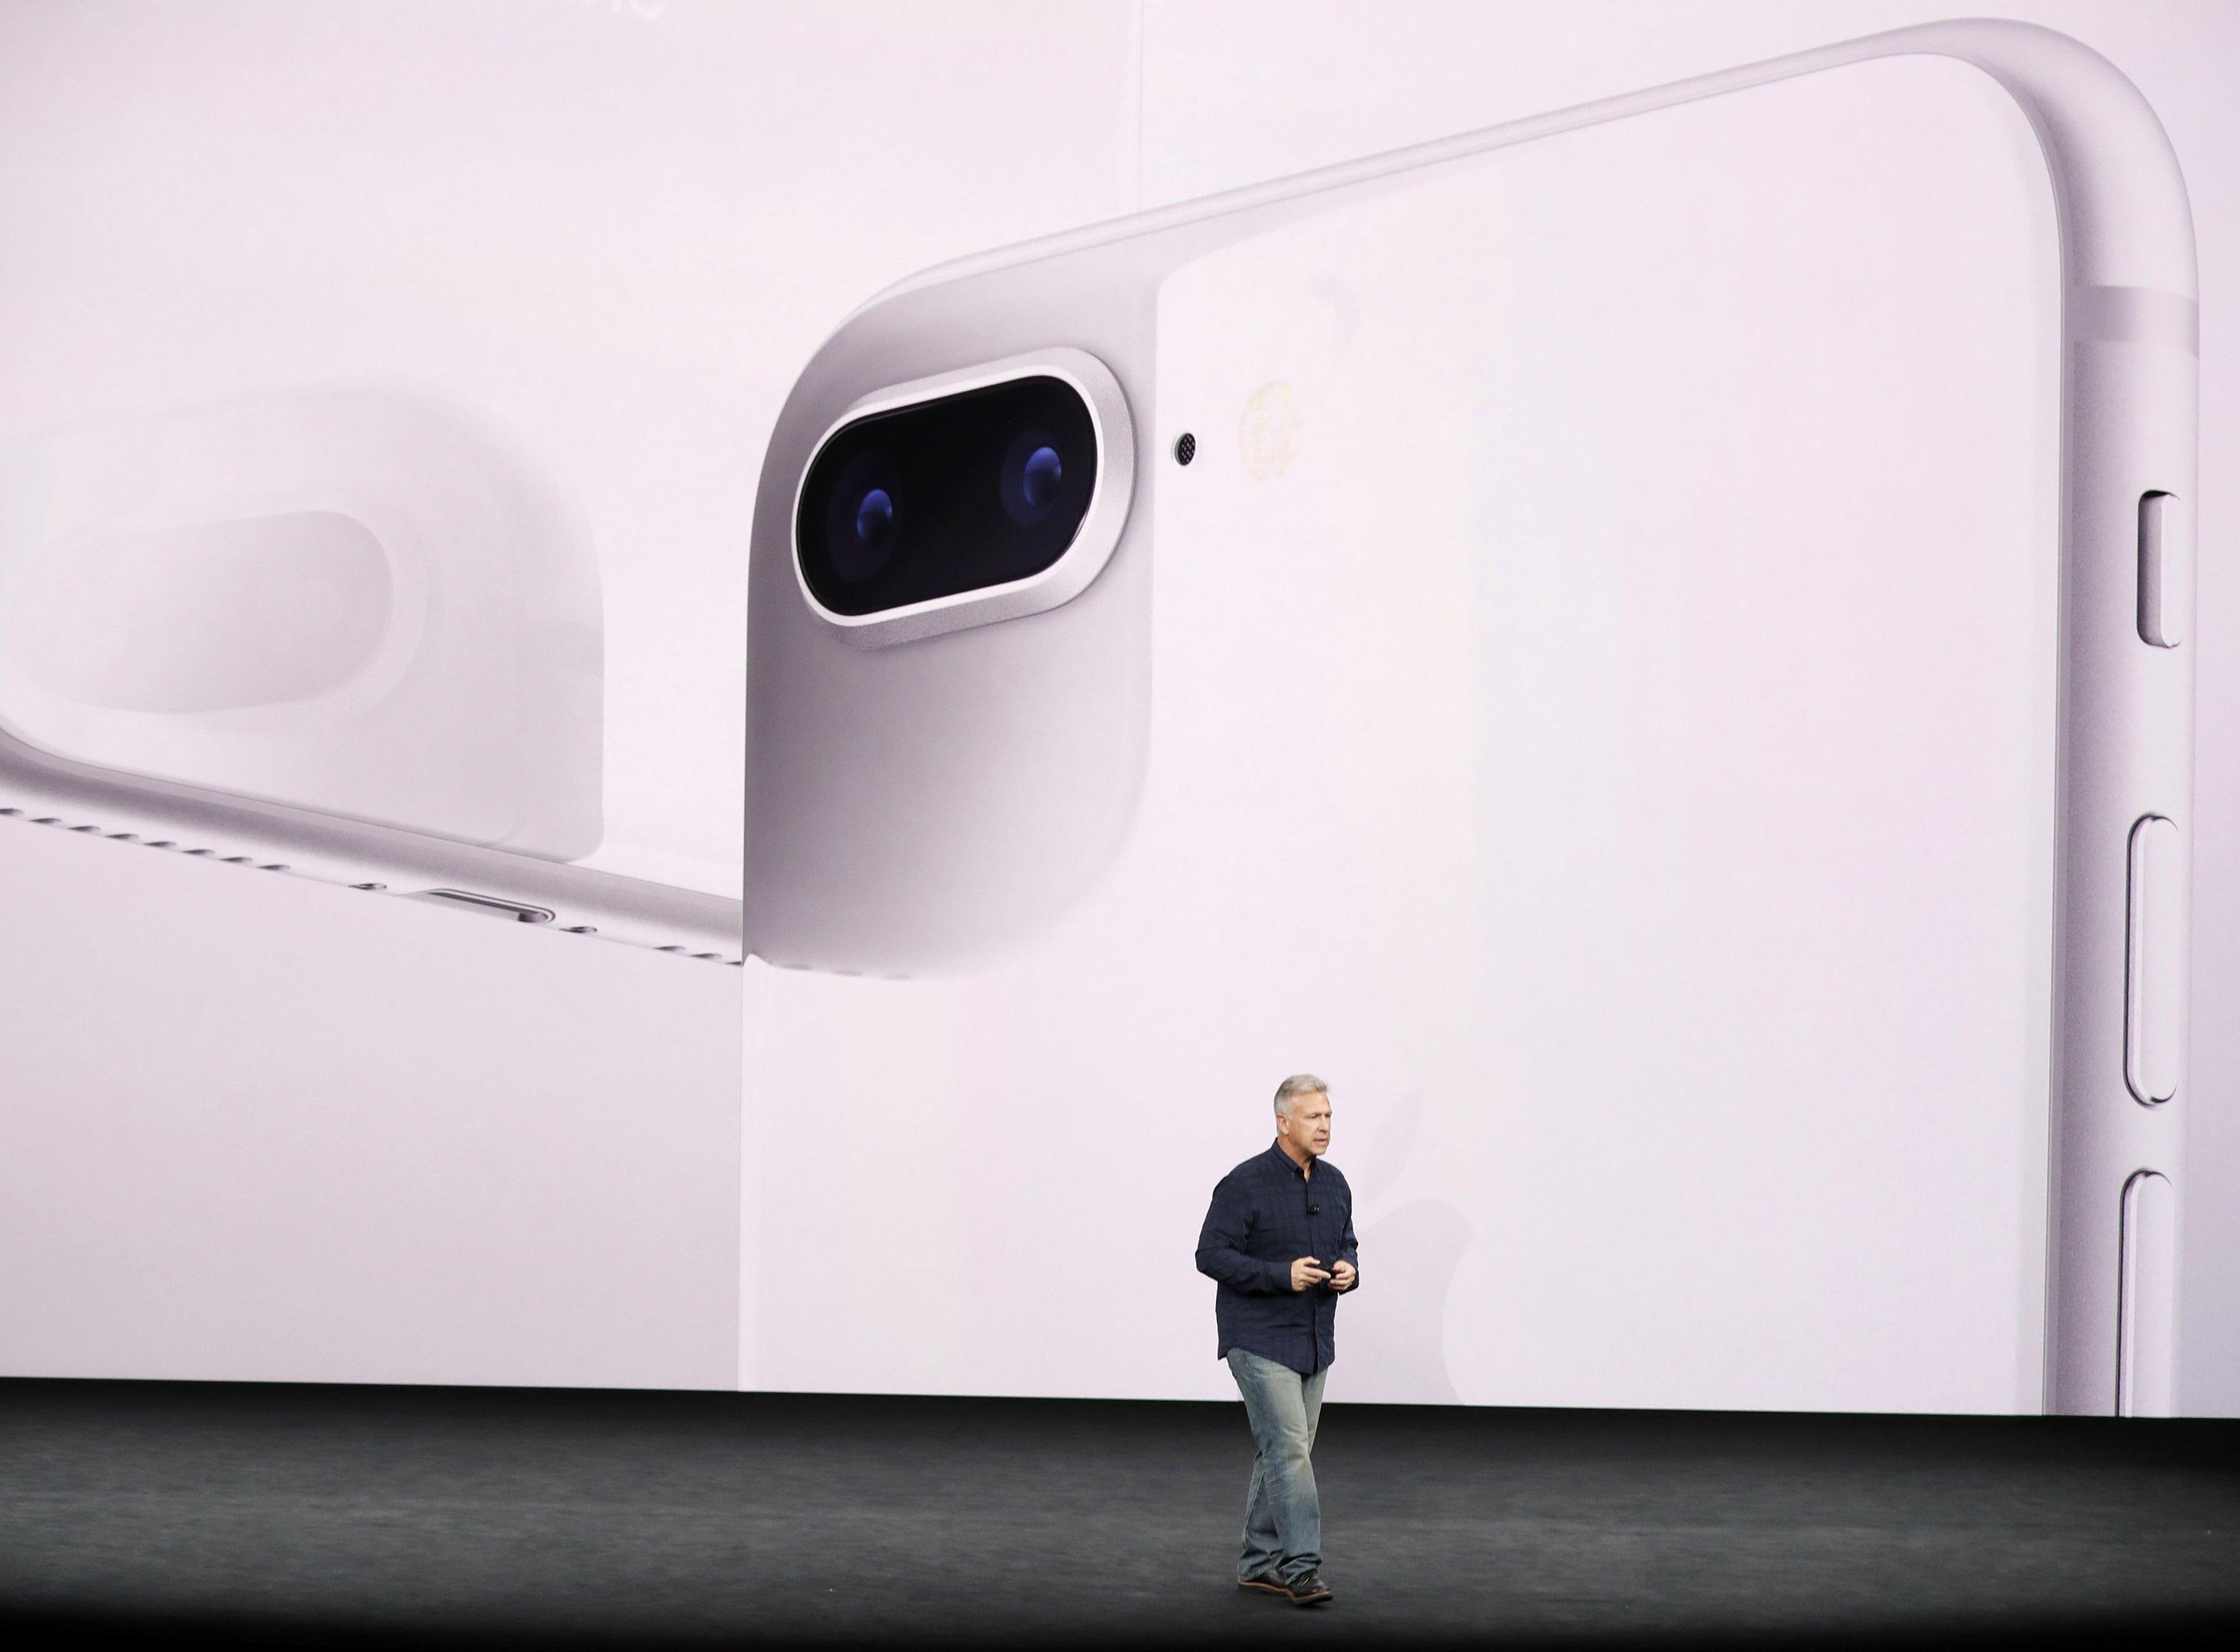 O vice-presidente sênior de marketing mundial da Apple, Phil Schiller, apresenta o iPhone 8 durante um evento de lançamento em Cupertino, Califórnia